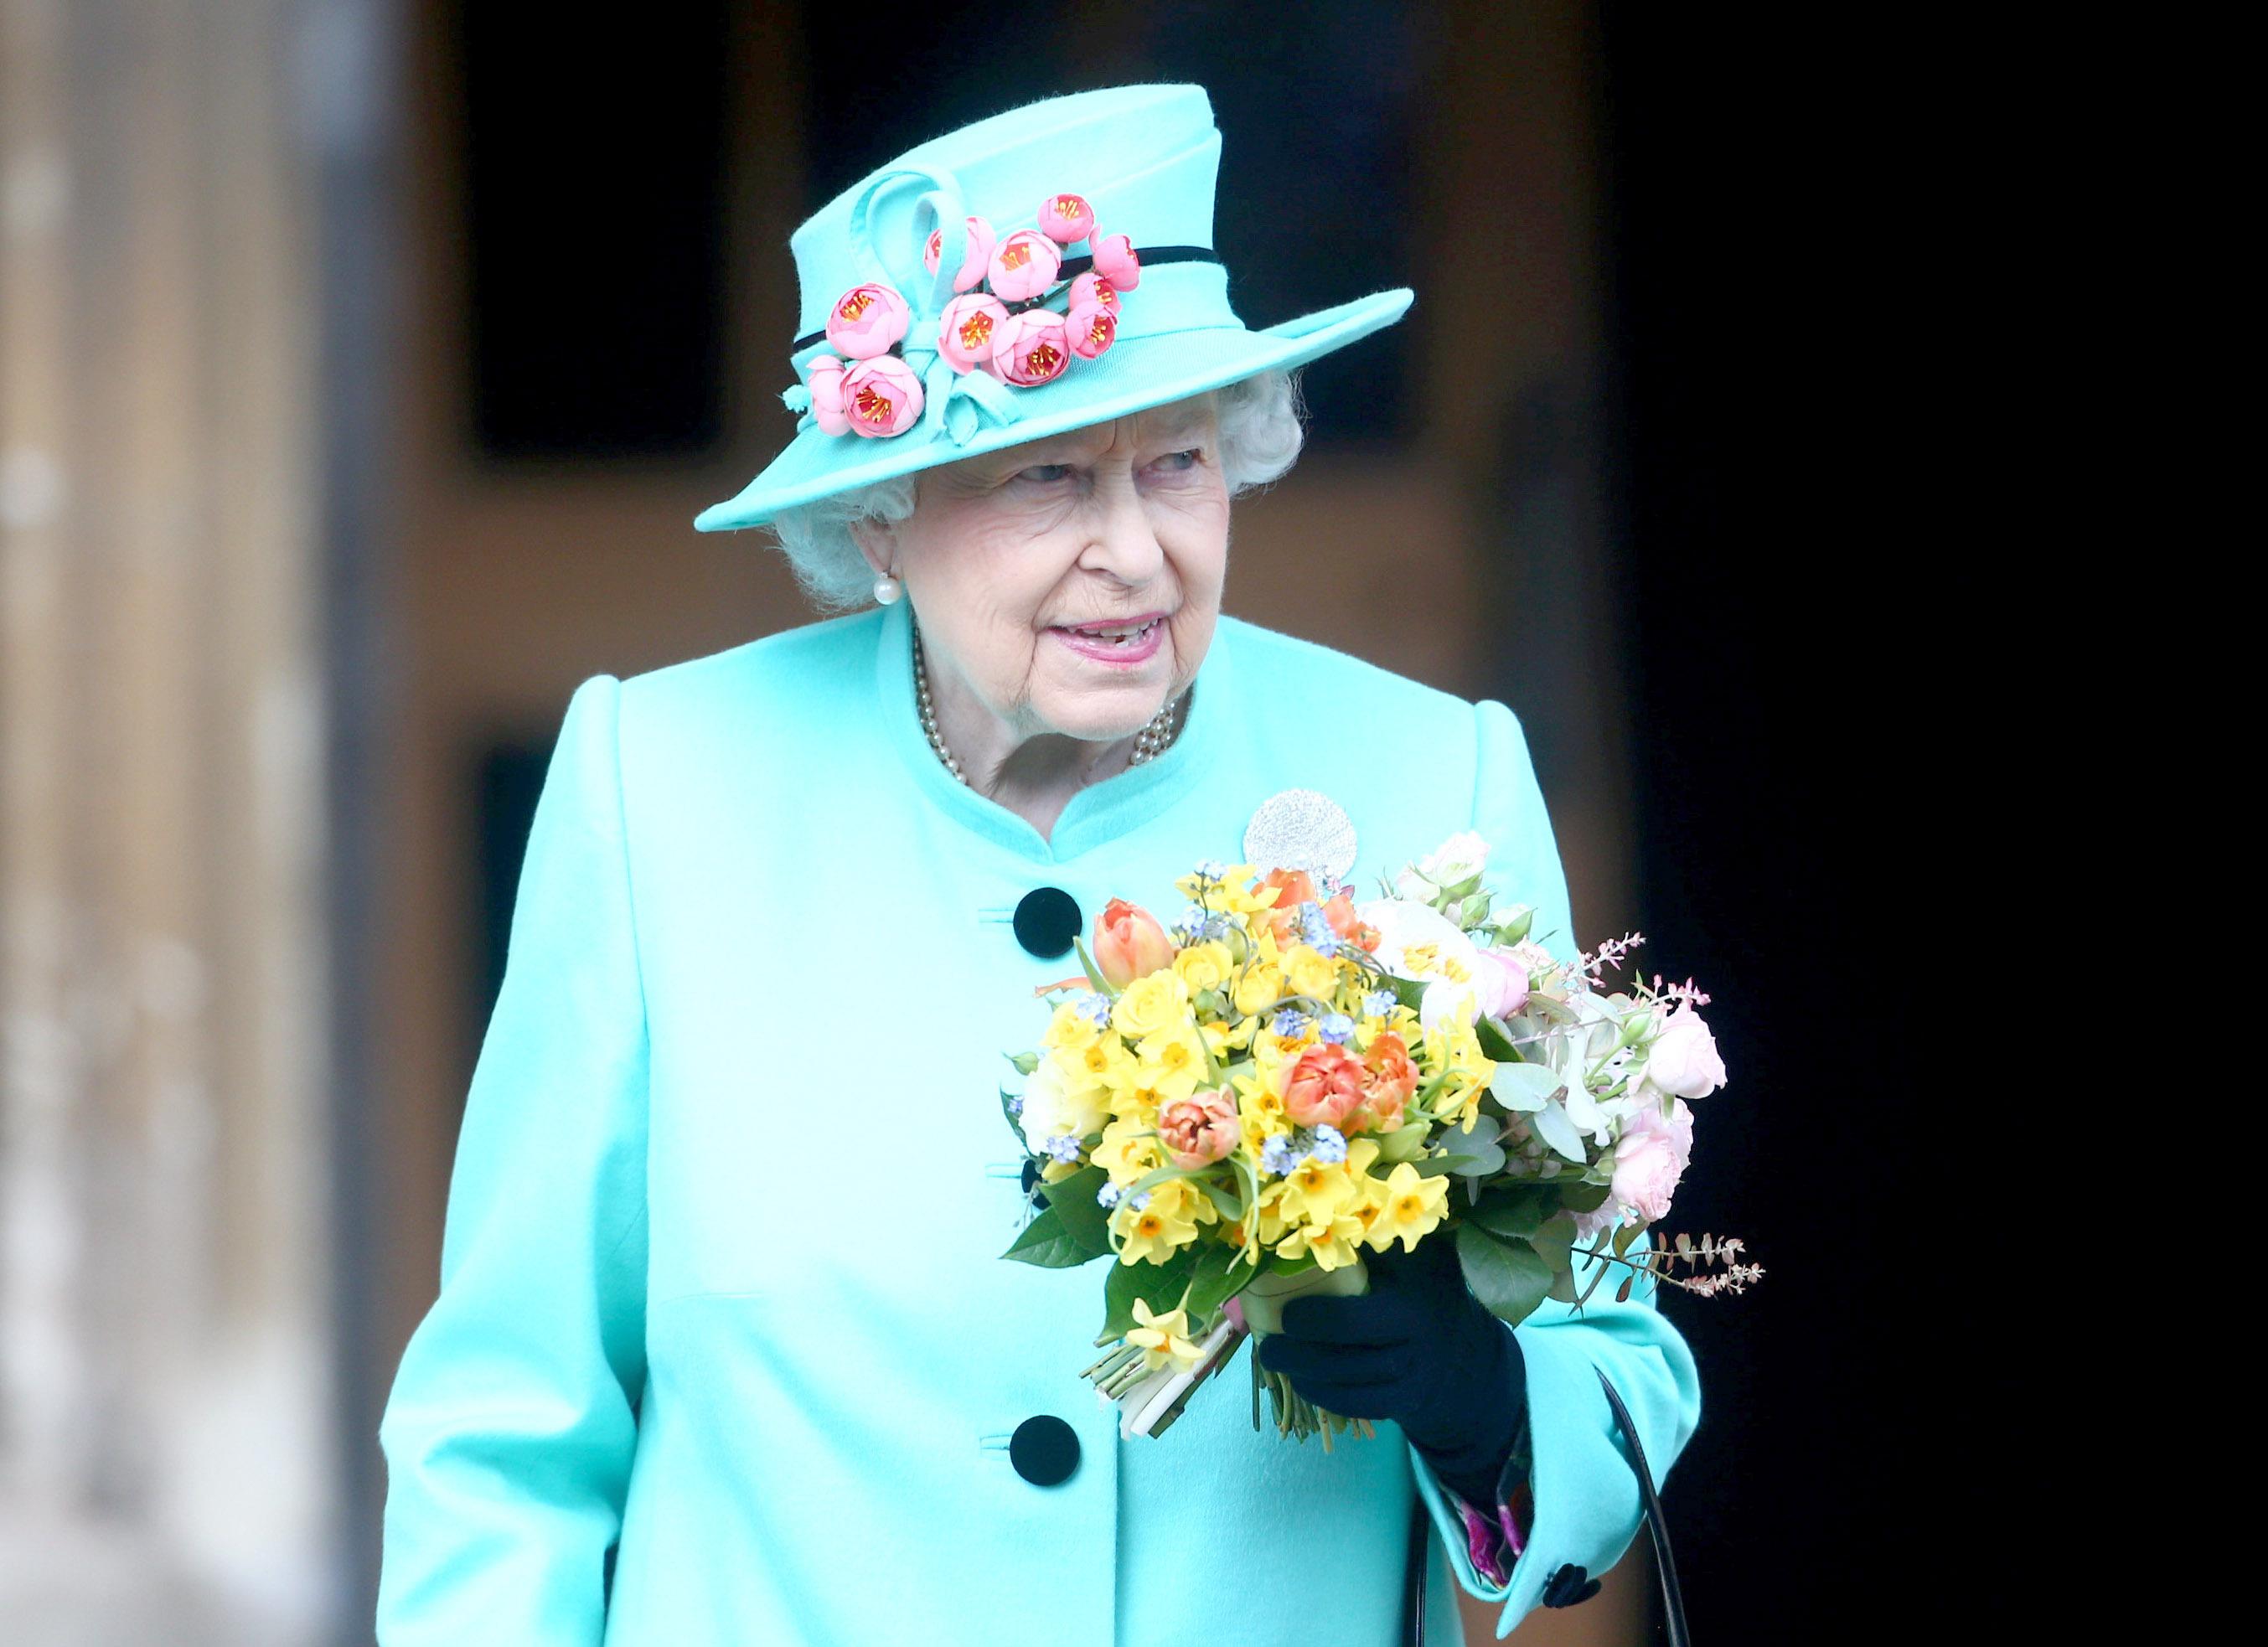 Elisabeta a-II-a a Marii Britanii împlineşte astăzi 91 de ani. Cum arată un meniu demn de o regină